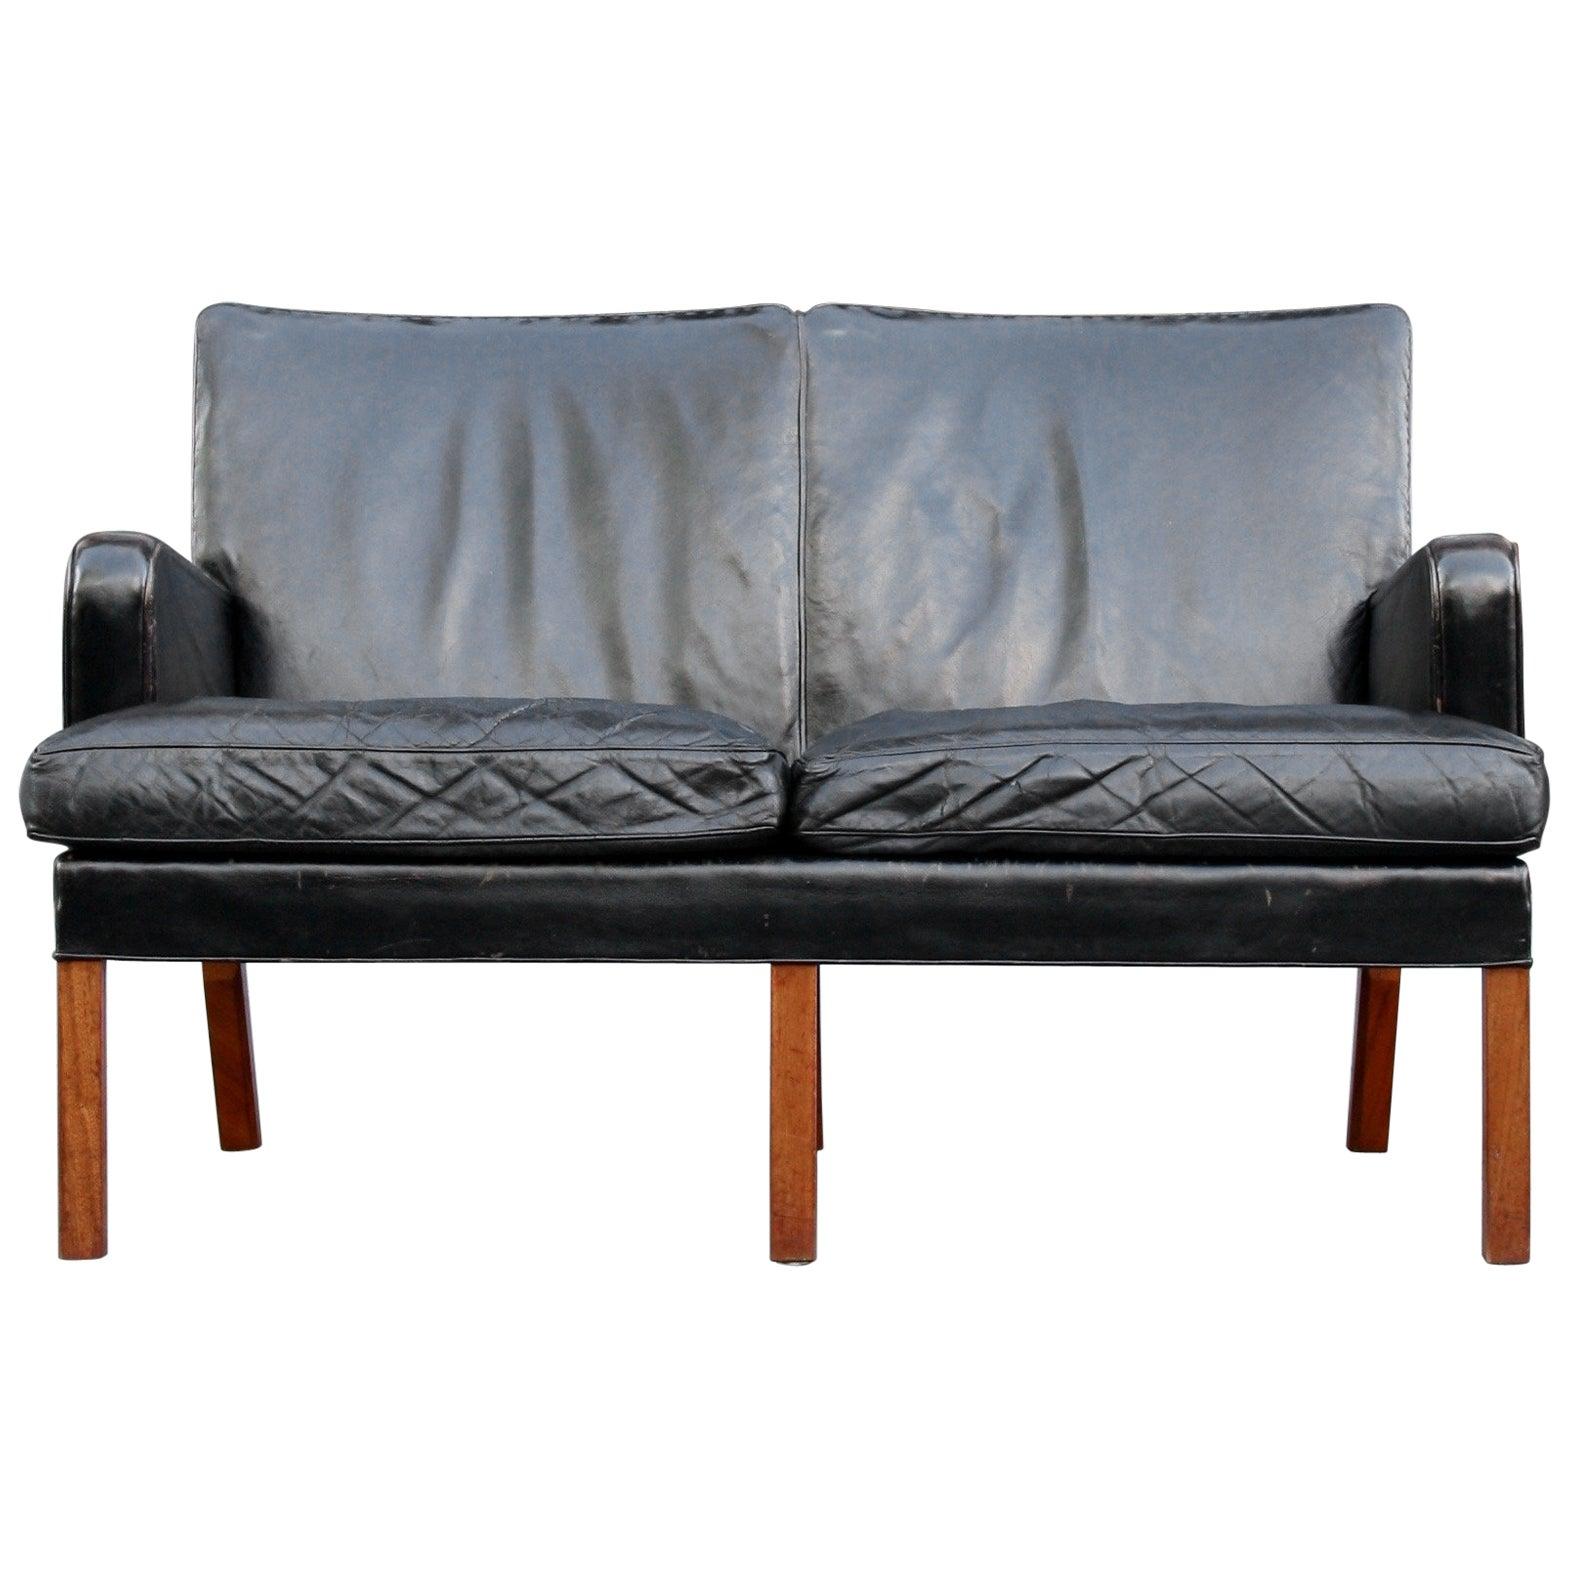 Kaare Klint Model 5313 Two-Seat Leather Settee by Rud Rasmussen, 1935